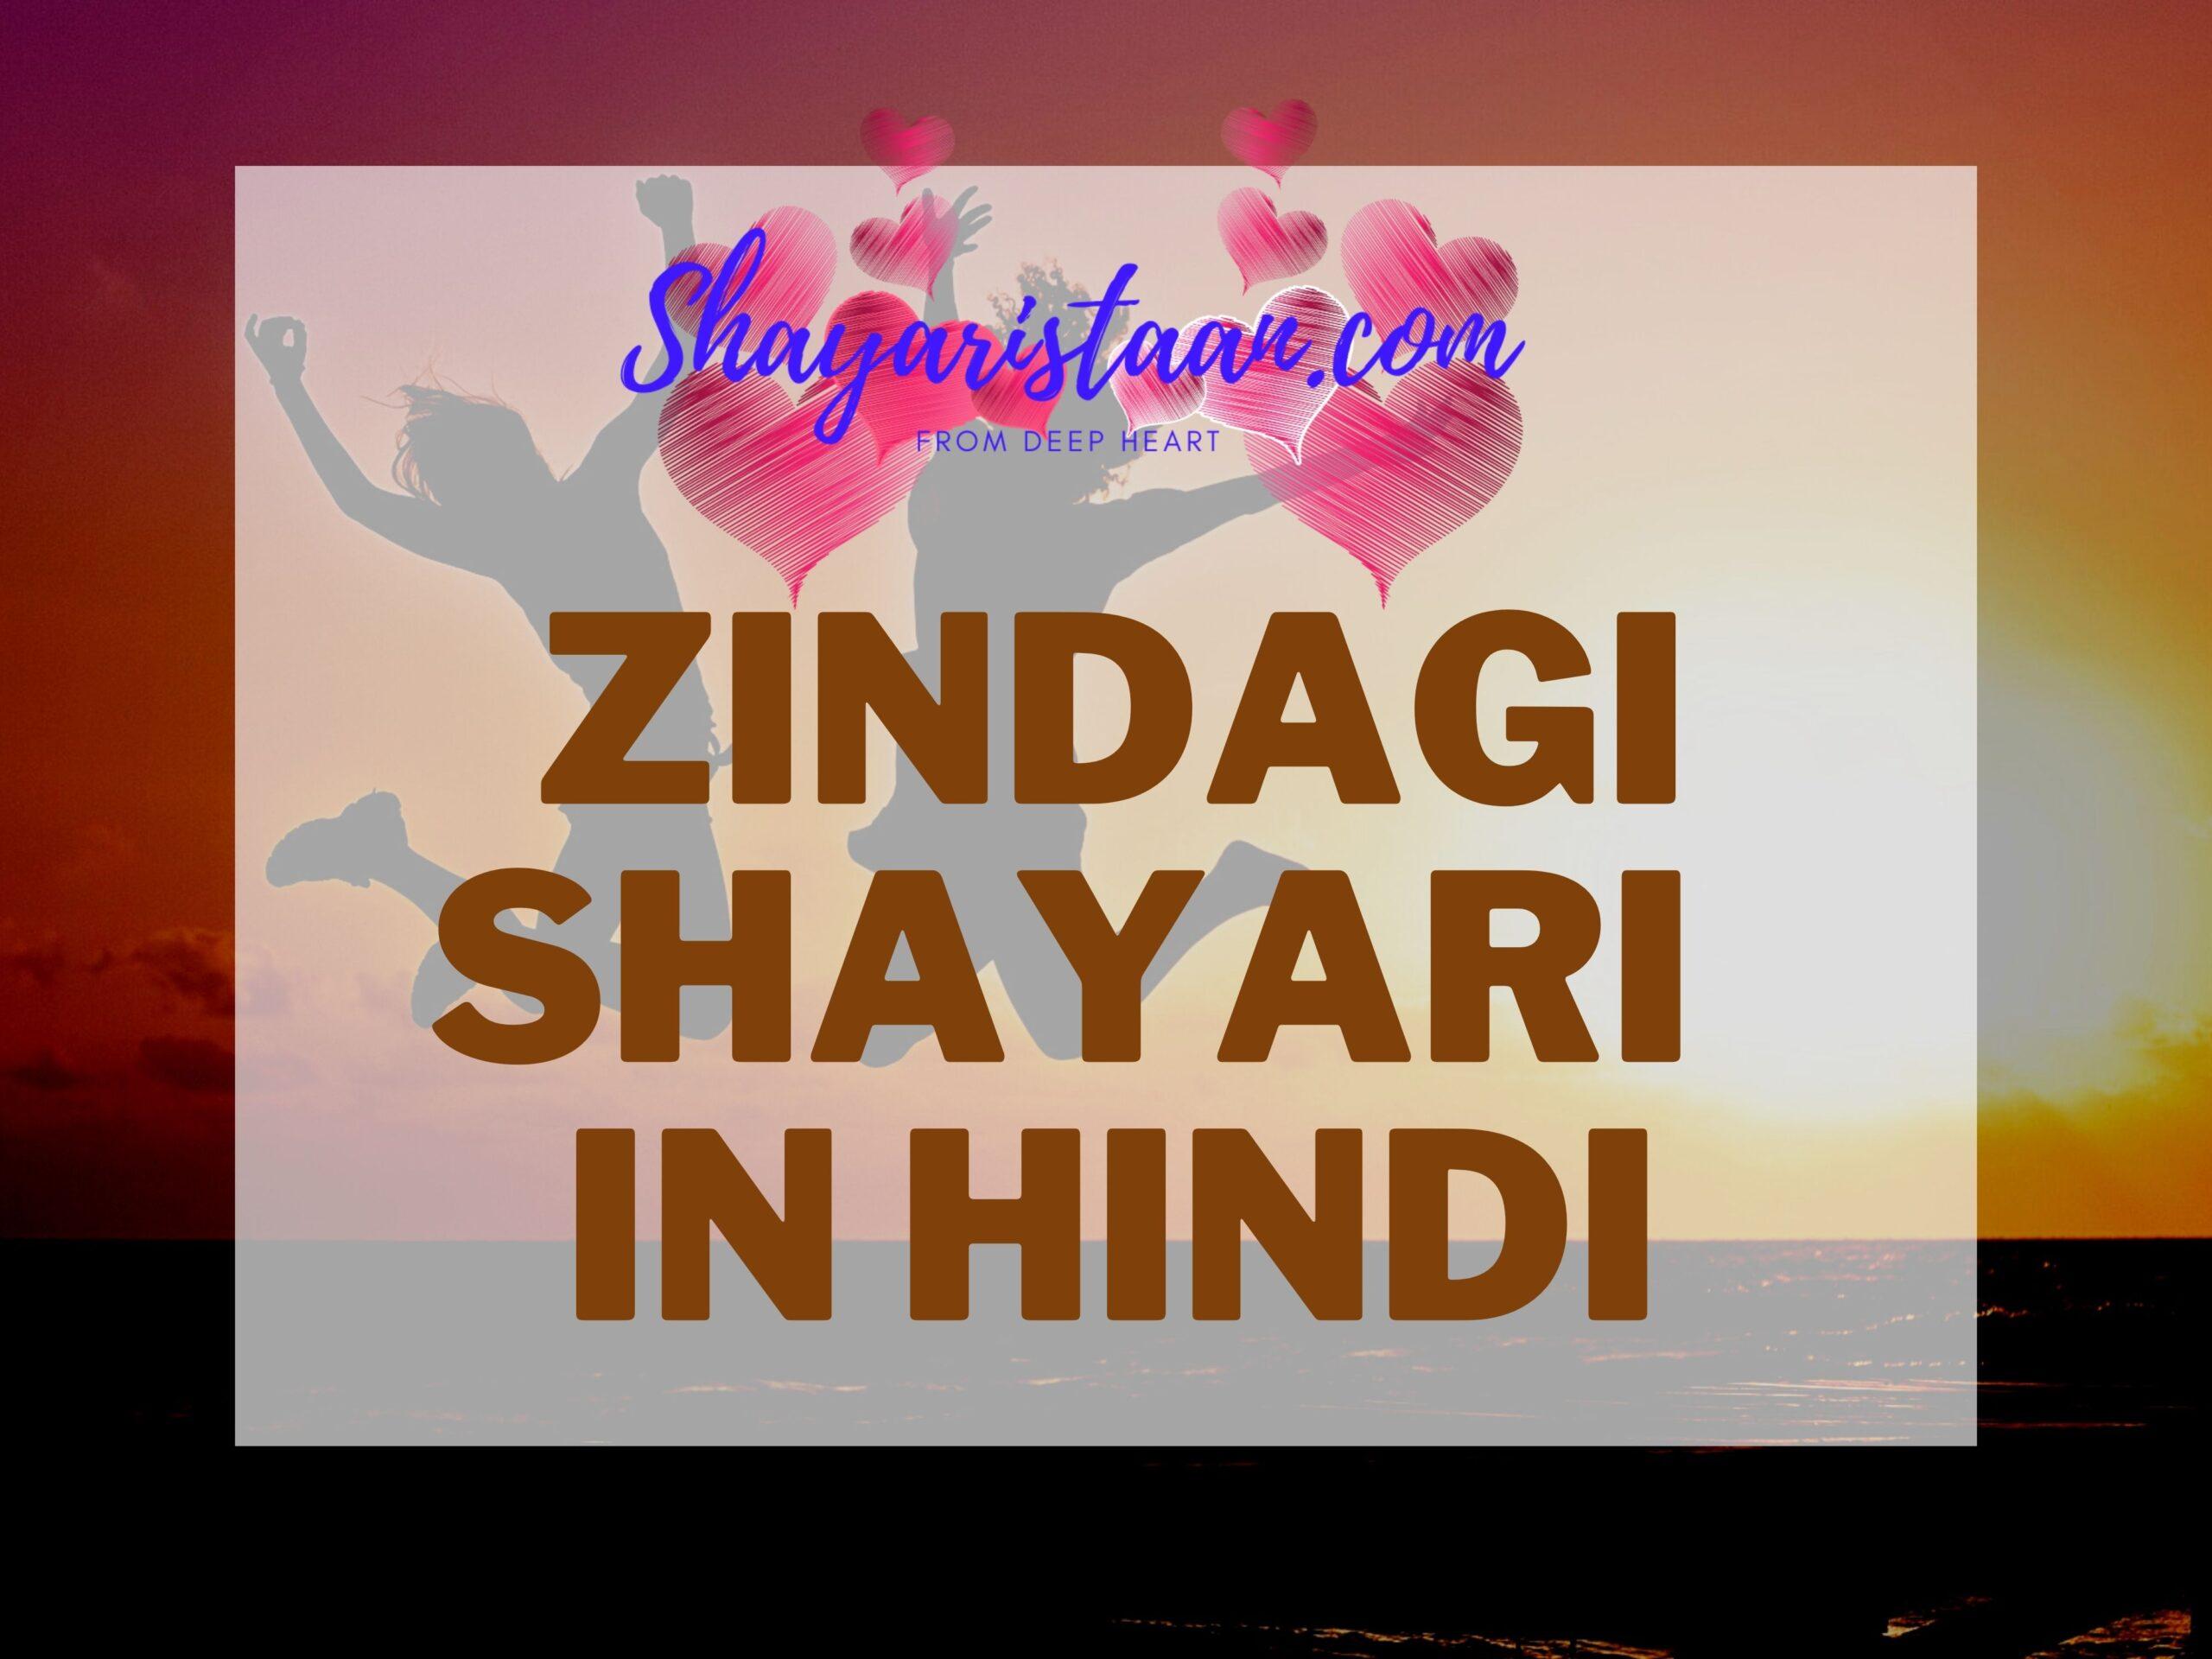 बेहतरीन खूबसूरत जिंदगी शायरी हिंदी में 2021 – 22 | Zindagi Shayari In Hindi 2021